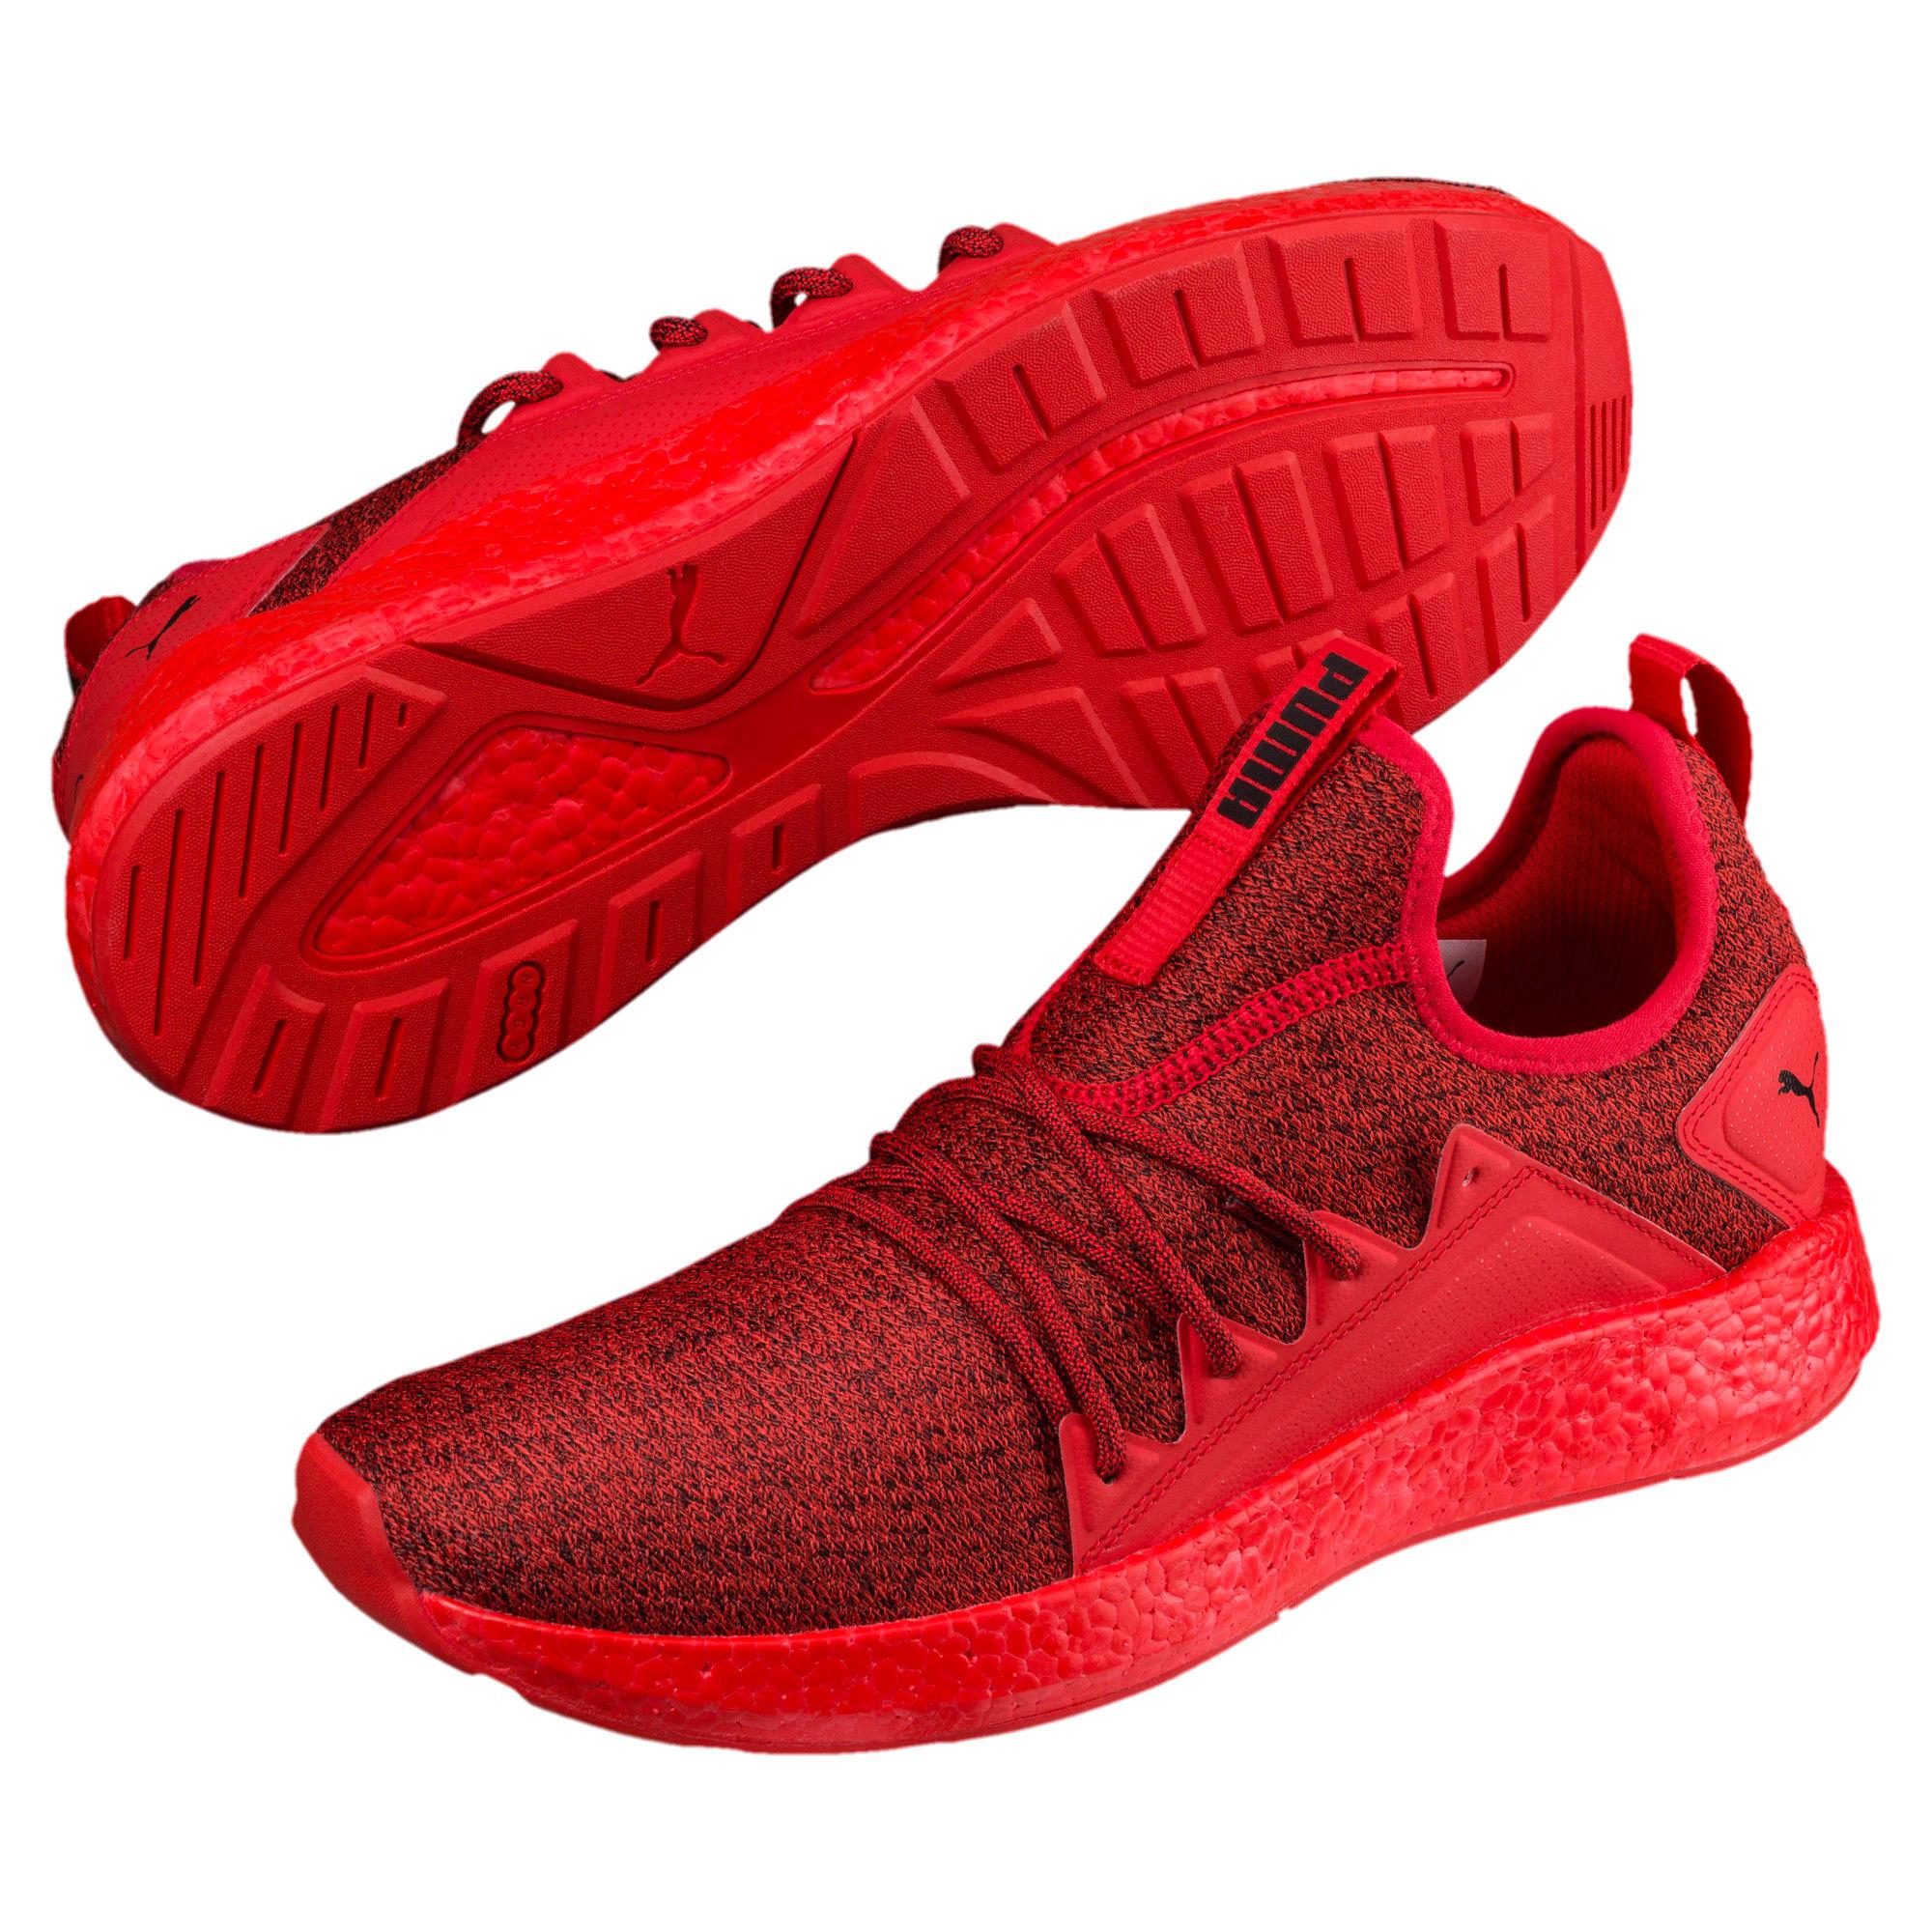 Miniatura 2 de Zapatos para correr NRGY Neko Knit para hombre, High Risk Red-Puma Black, mediano